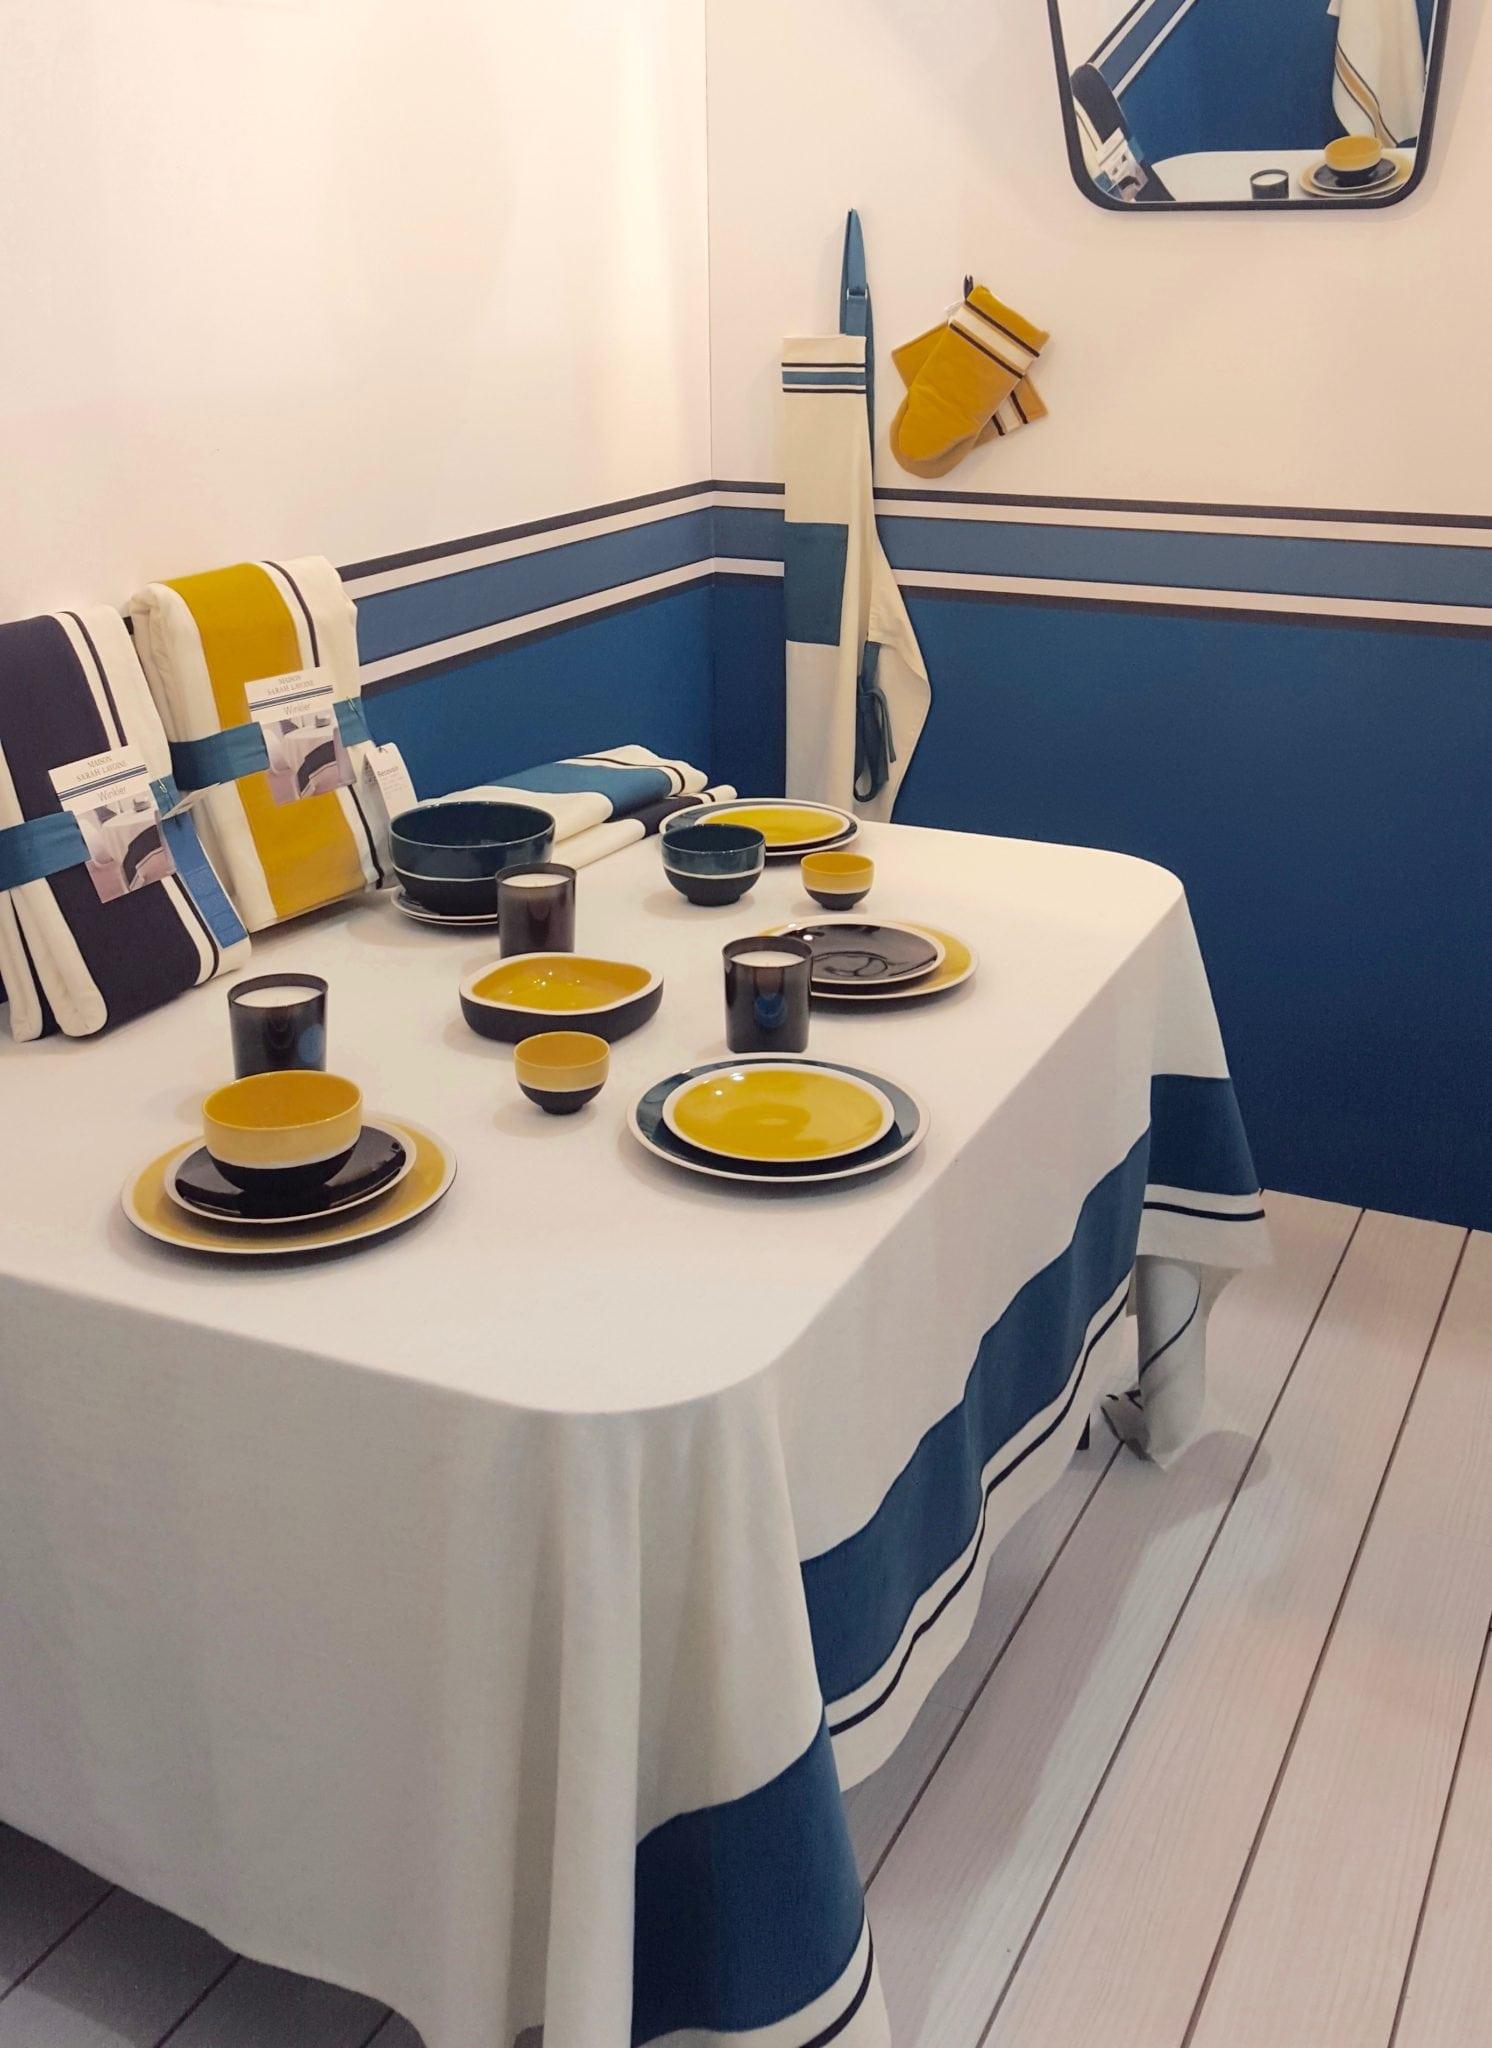 maison sarah lavoine amazing photo couleur amande with maison sarah lavoine top maison sarah. Black Bedroom Furniture Sets. Home Design Ideas